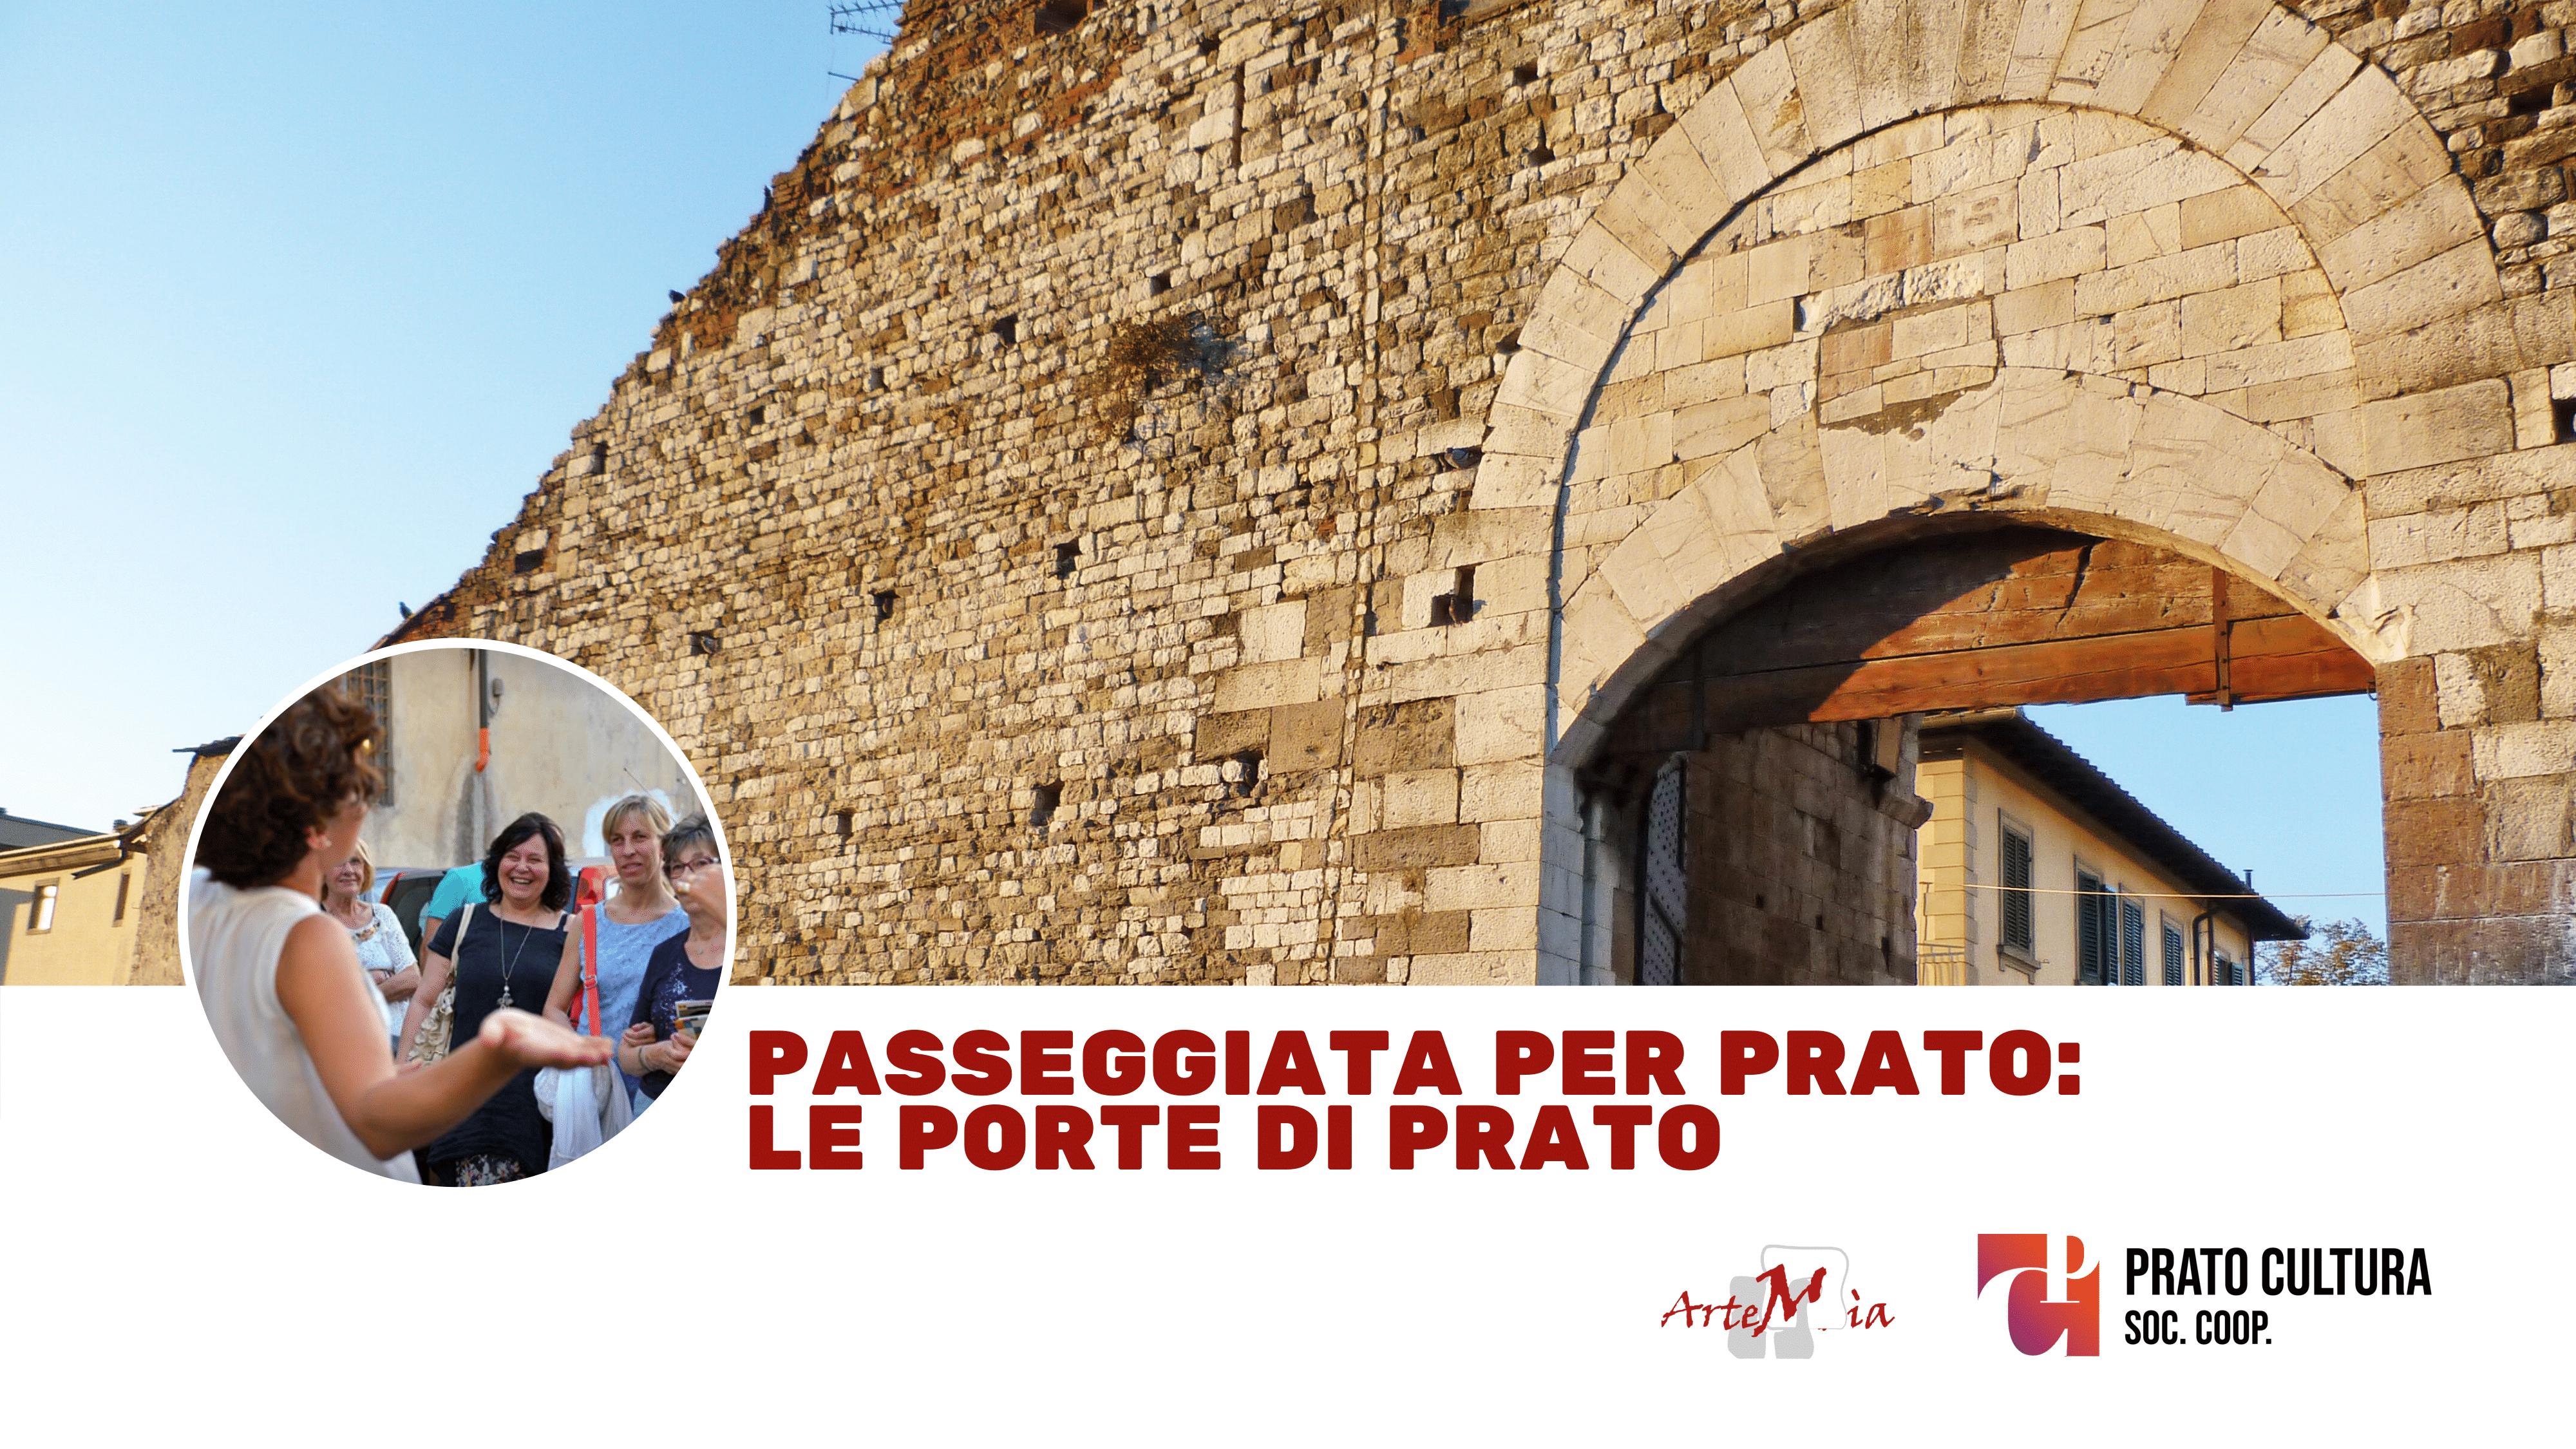 Visita: Le porte di Prato